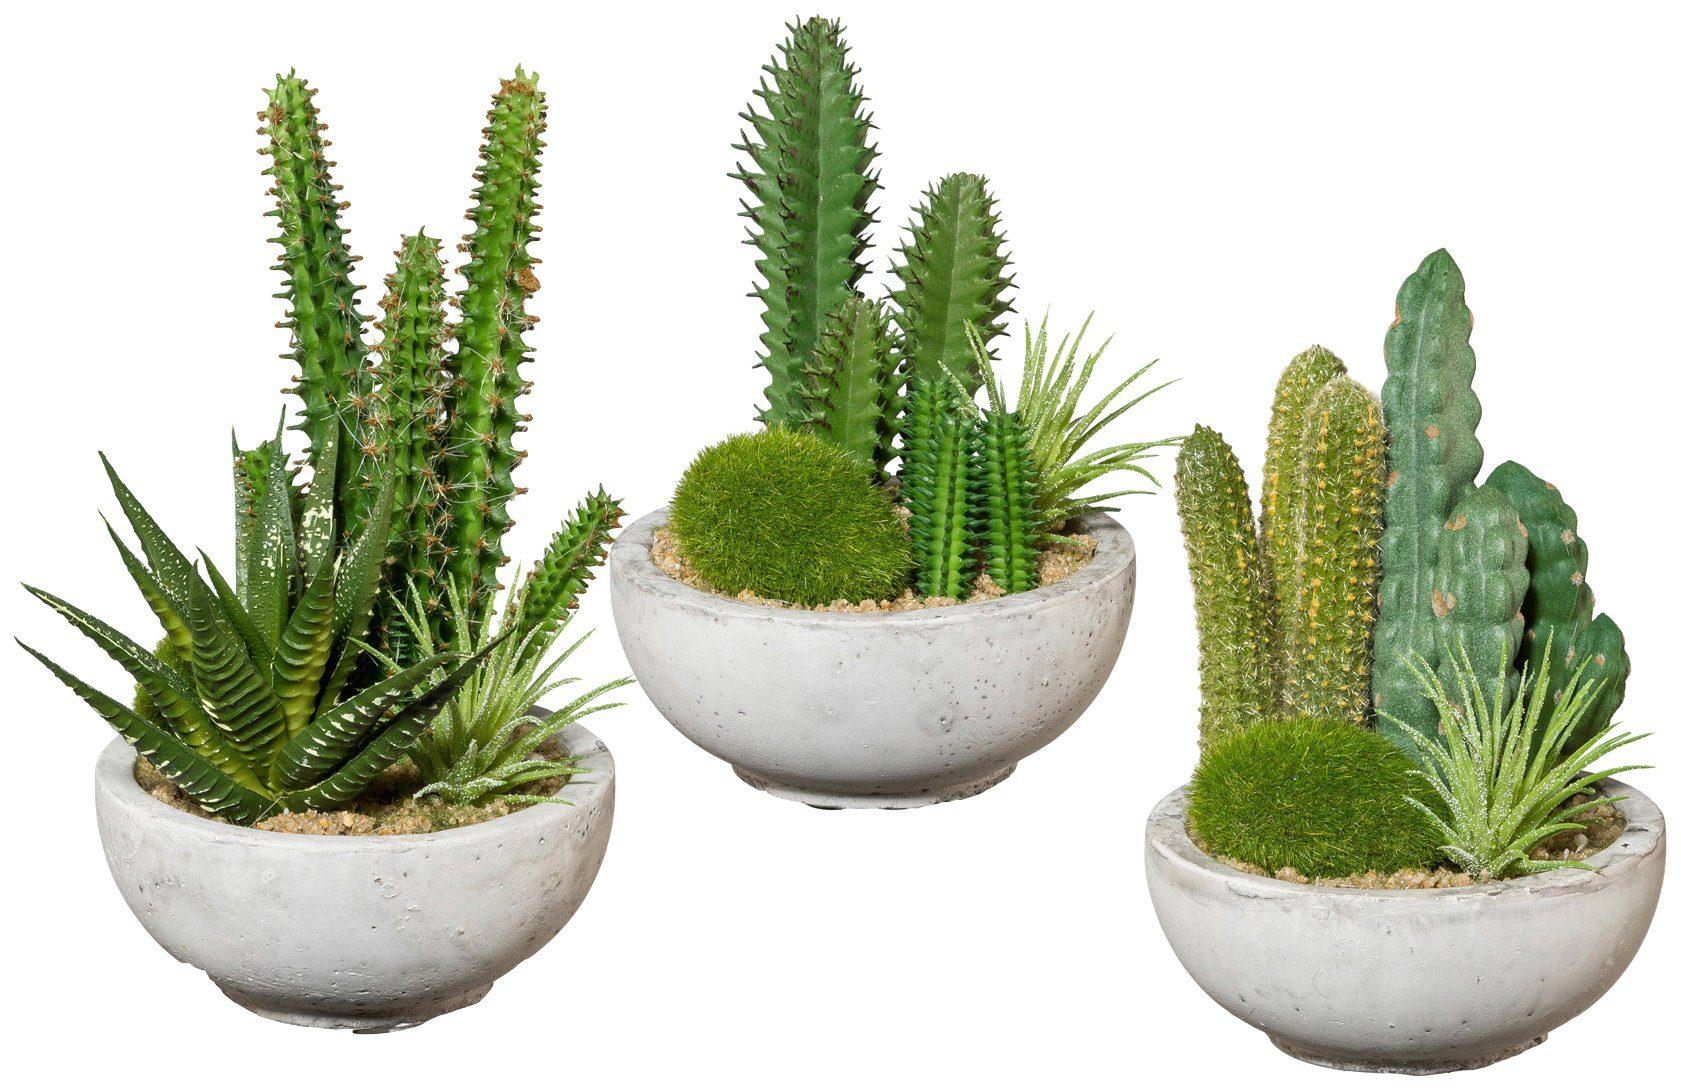 Kunstpflanze »Kakteen-Arrangement«, 3 Stk. im Zementtopf, Höhe 16 cm